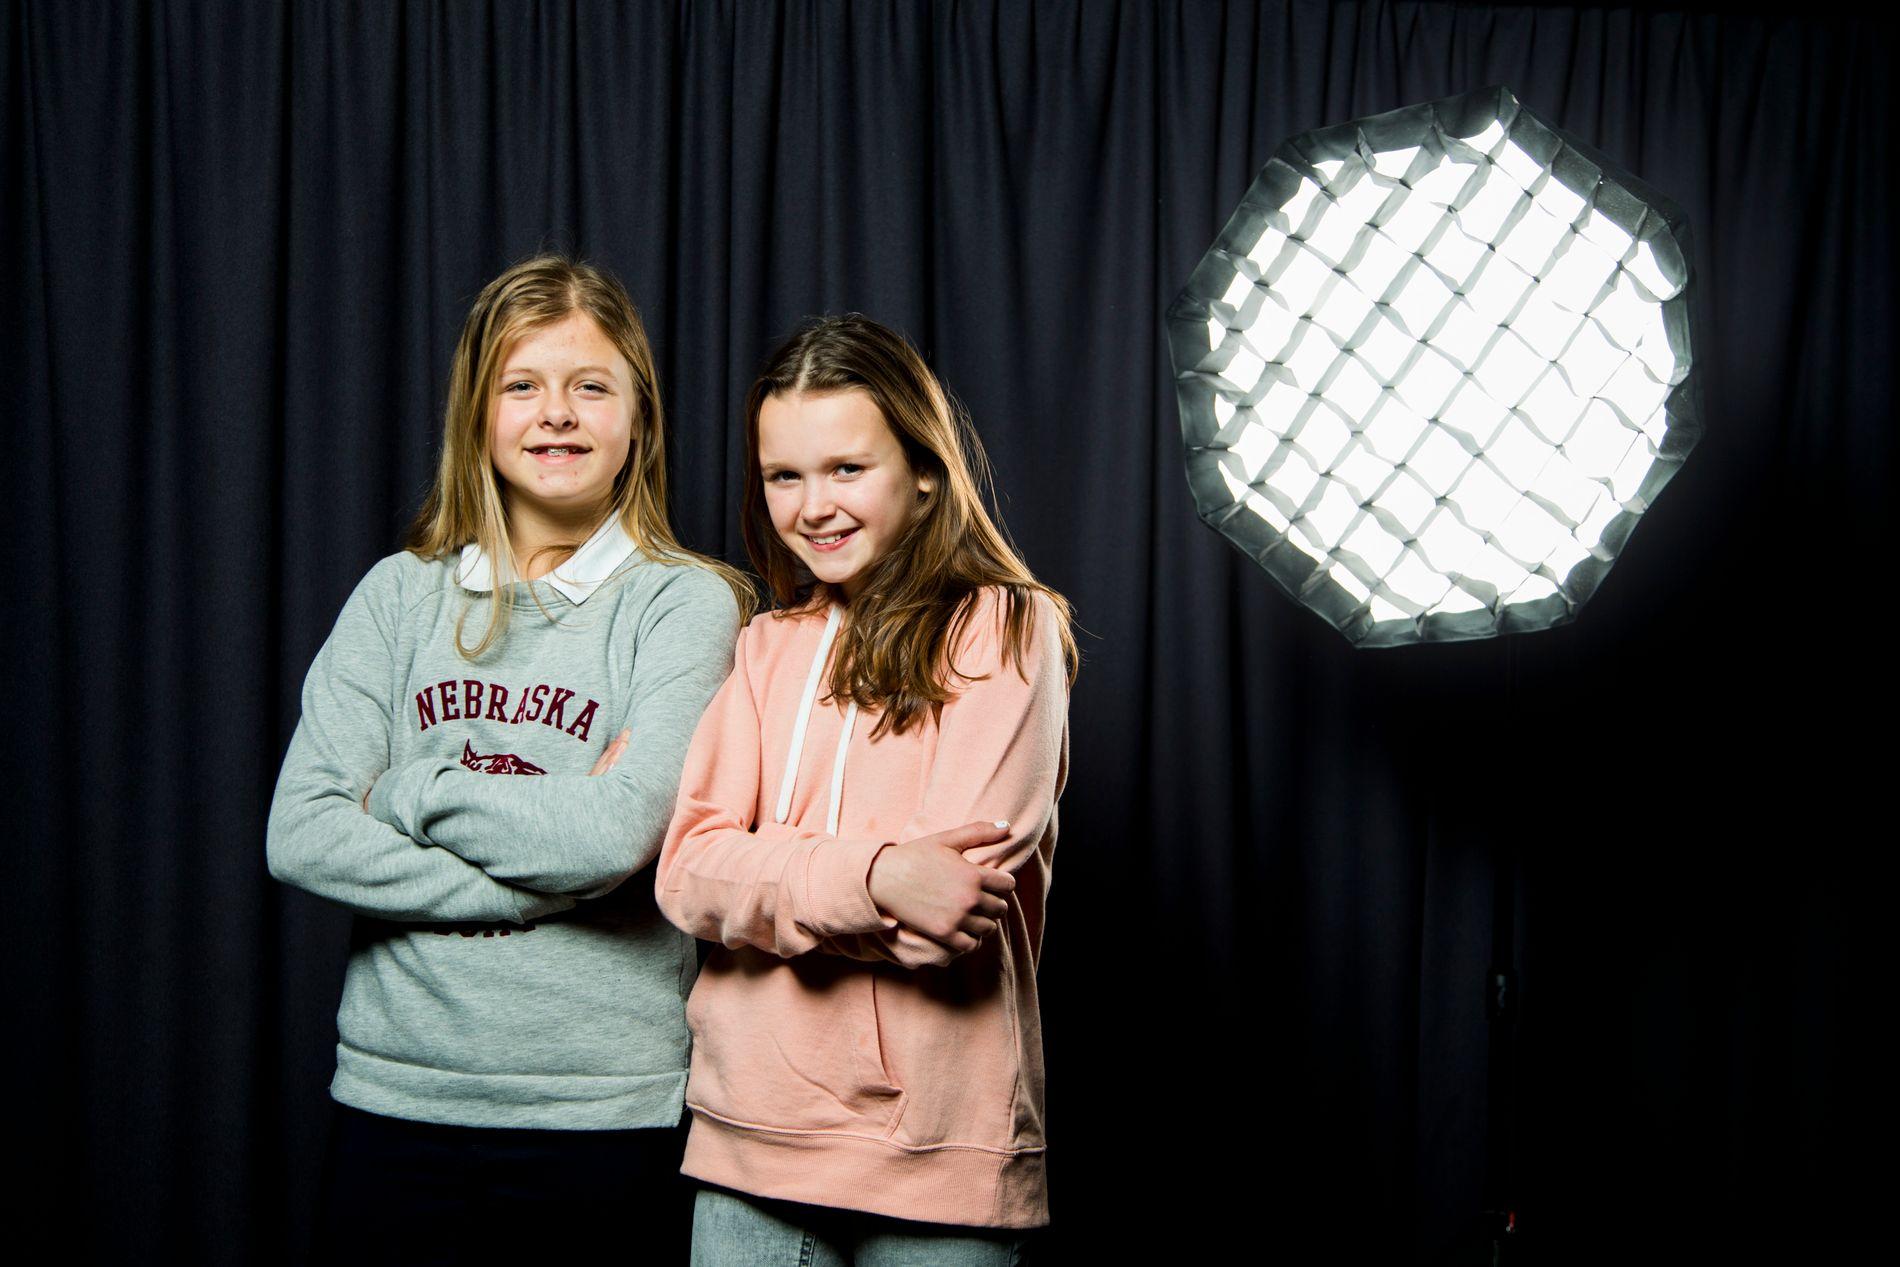 OVER EIT FJELL, GJENNOM EIN TUNNEL: I 2016 vann Vilde Hjelle og Anna Kristina Lillestøl Naustdal MGP Junior med ein song om å bli buande på heimplassen. Deira heimkommune, Eid i Nordfjord, er ein av plassane som vil få eit gubbeoverskot i åra som kjem.